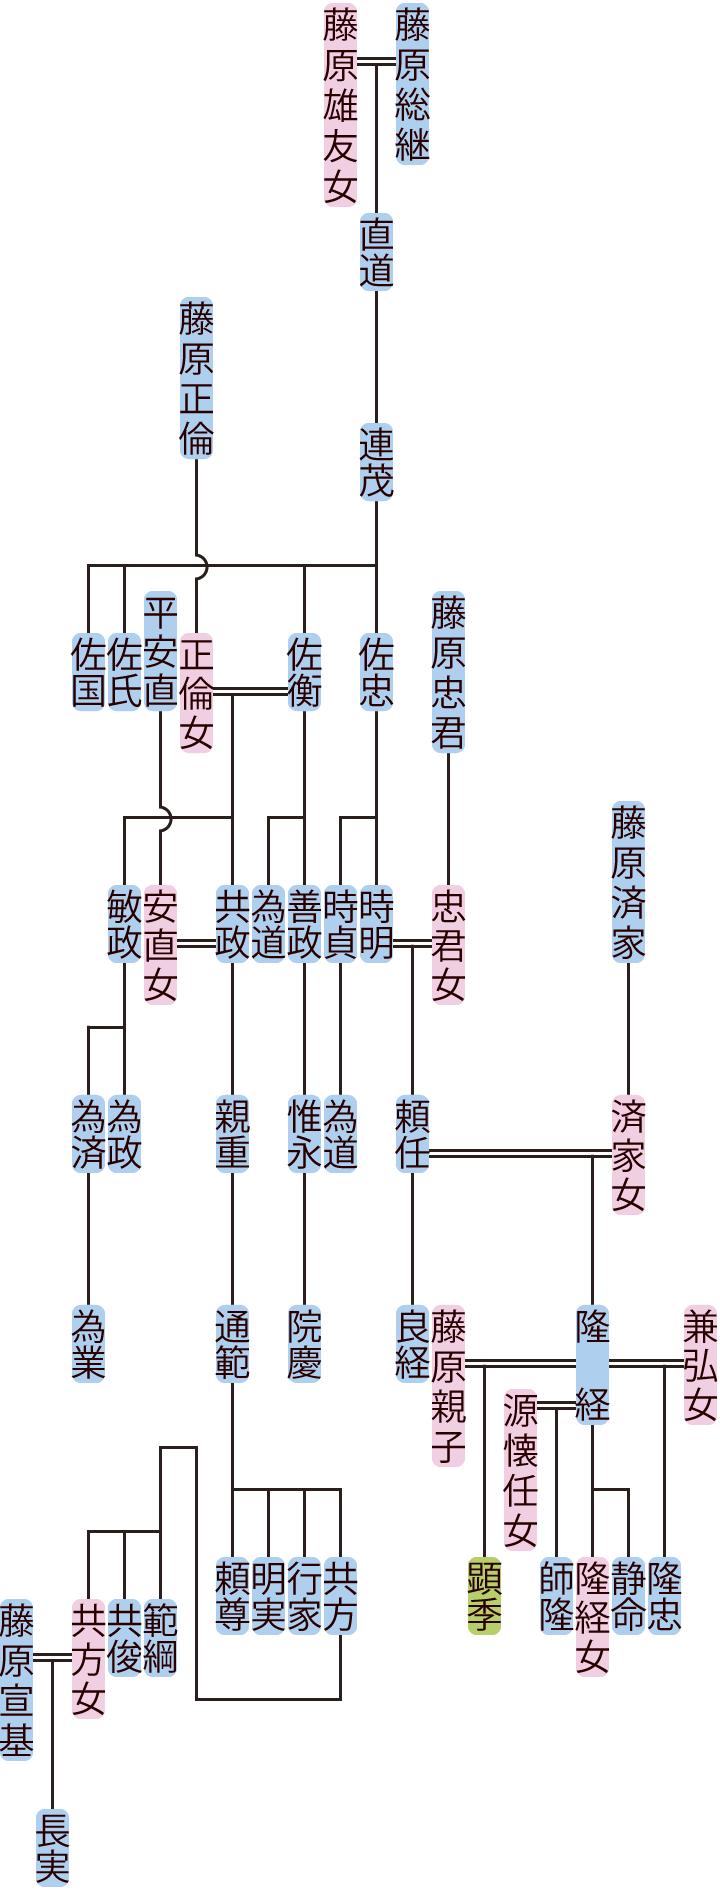 藤原連茂~頼任の系図